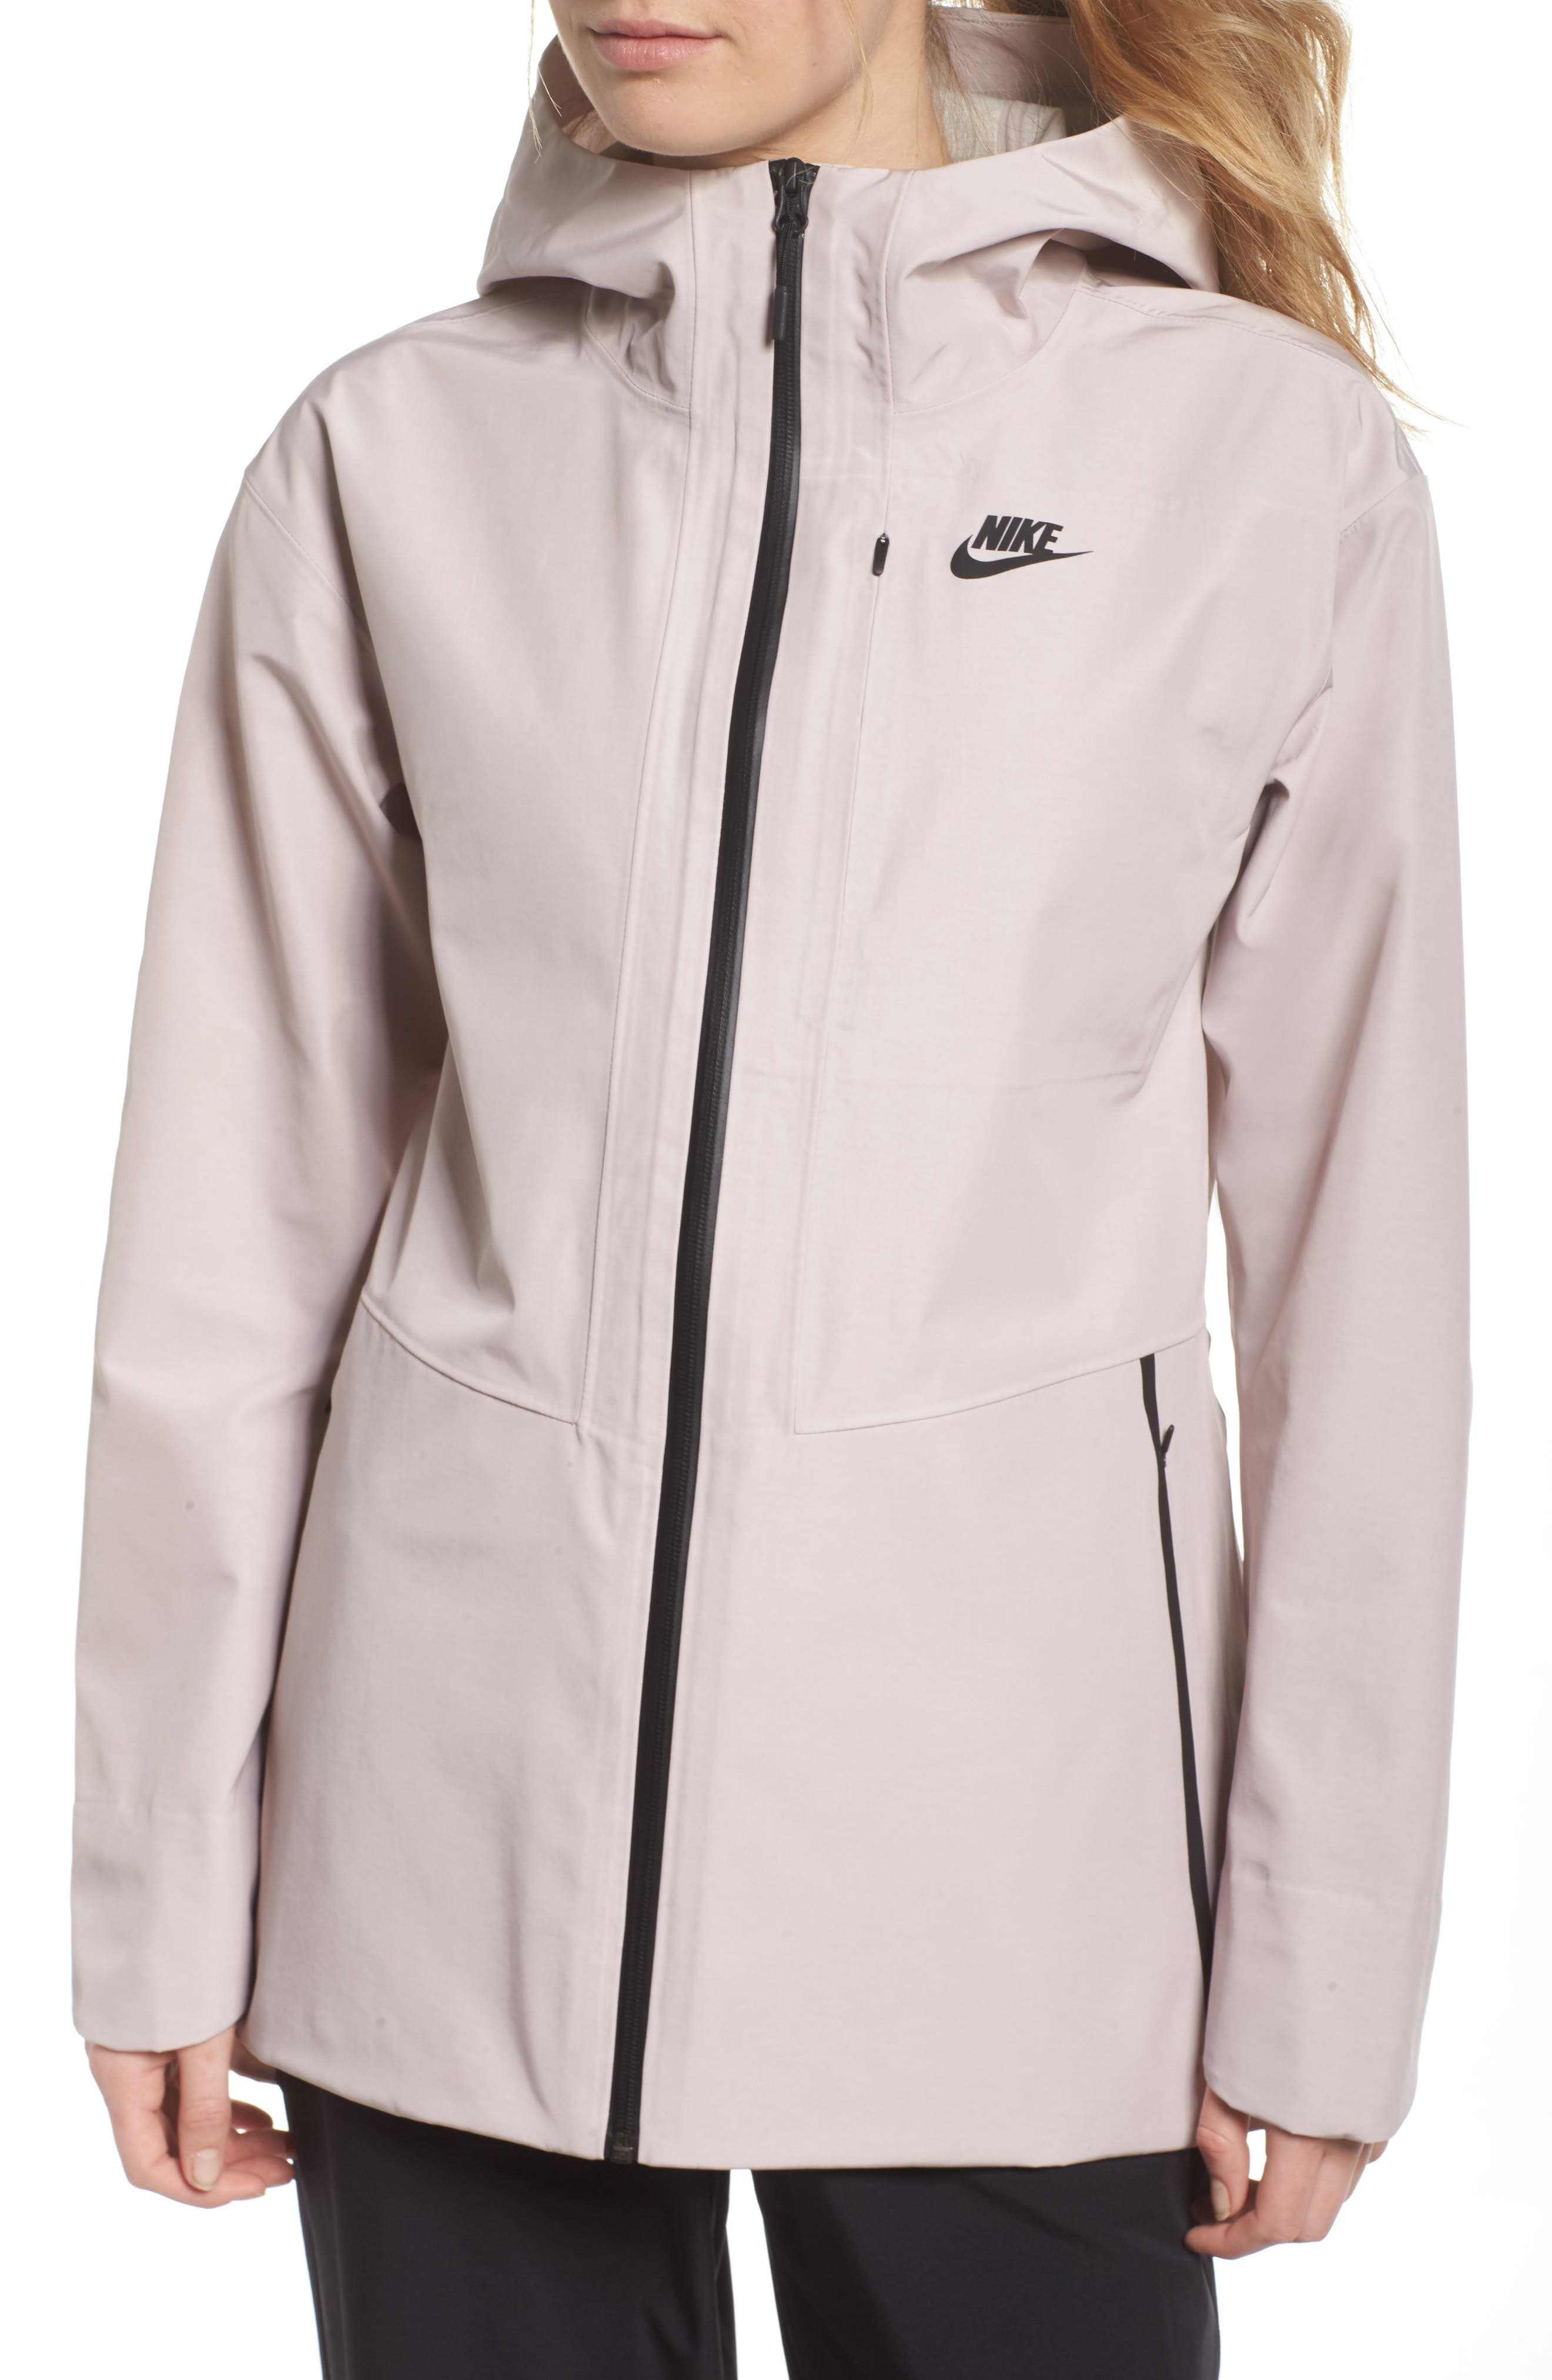 Sportswear Women's Tech Jacket,                             Alternate thumbnail 4, color,                             684